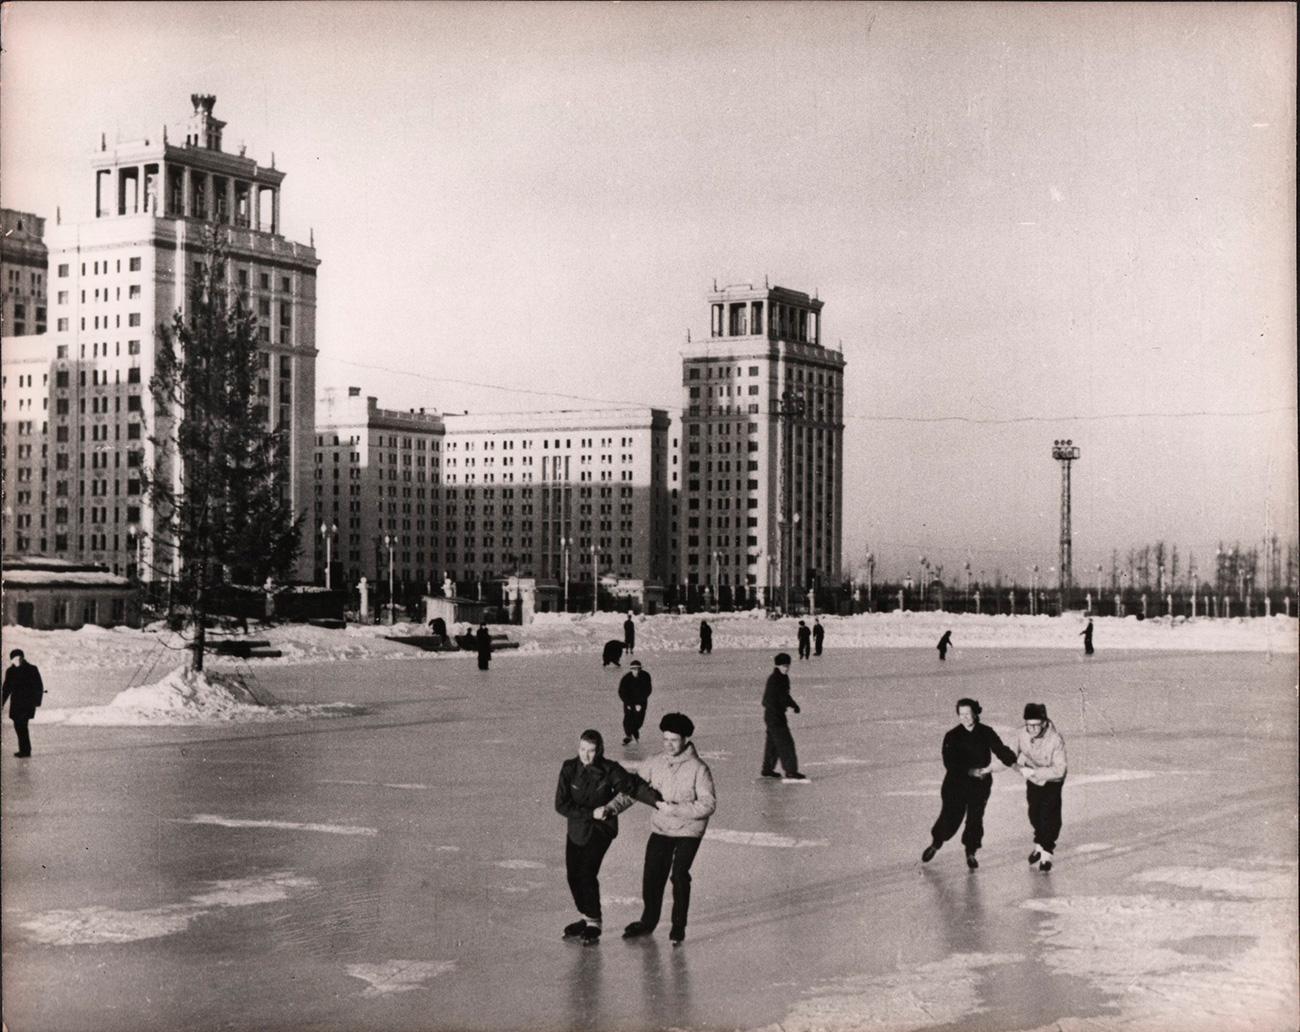 L'associazione Italia Russia è nata a Milano nel 1946 e ancora oggi ricopre un ruolo chiave nella promozione della cultura russa all'estero